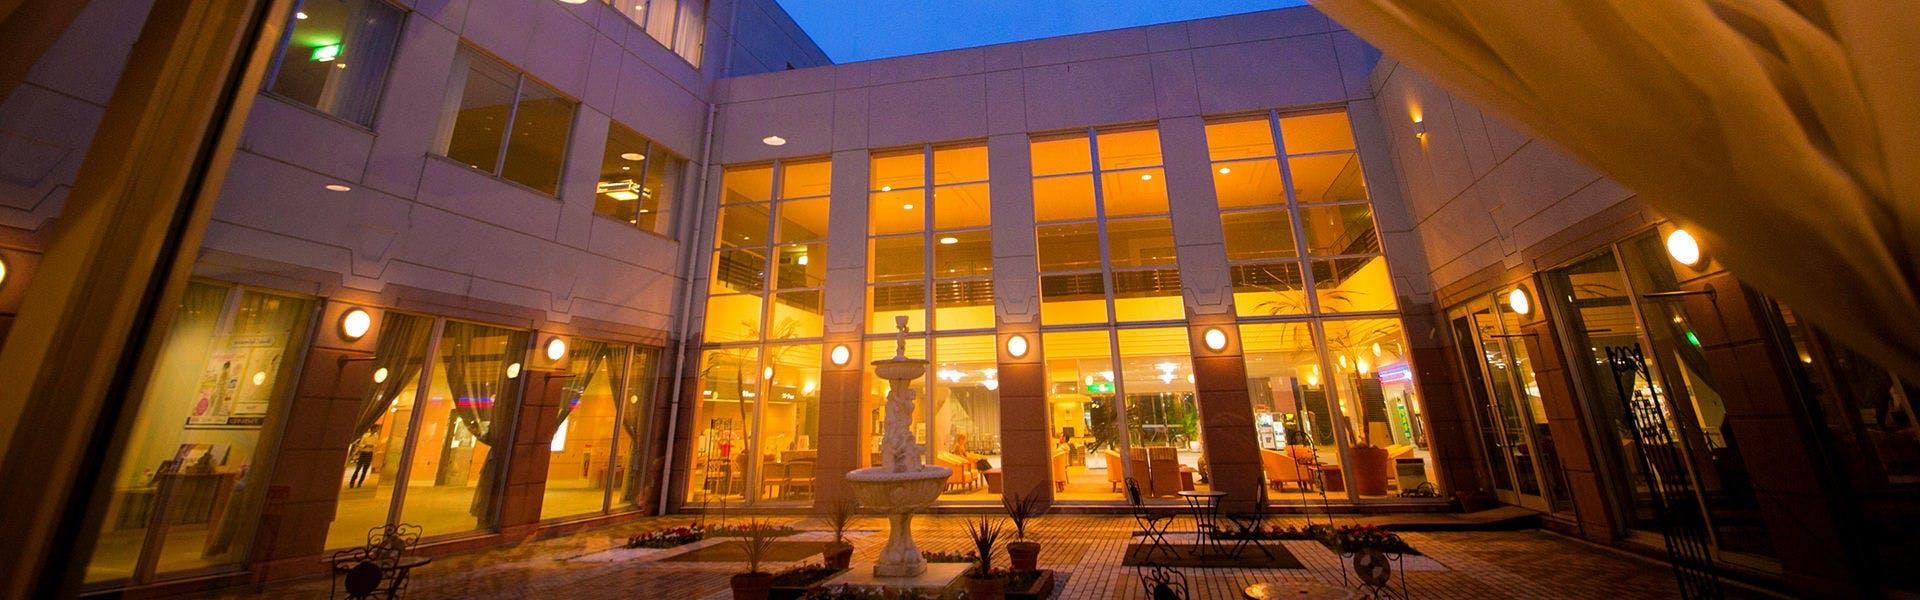 記念日におすすめのホテル・【ロイヤルホテル 宗像 -DAIWA ROYAL HOTEL-】の写真1